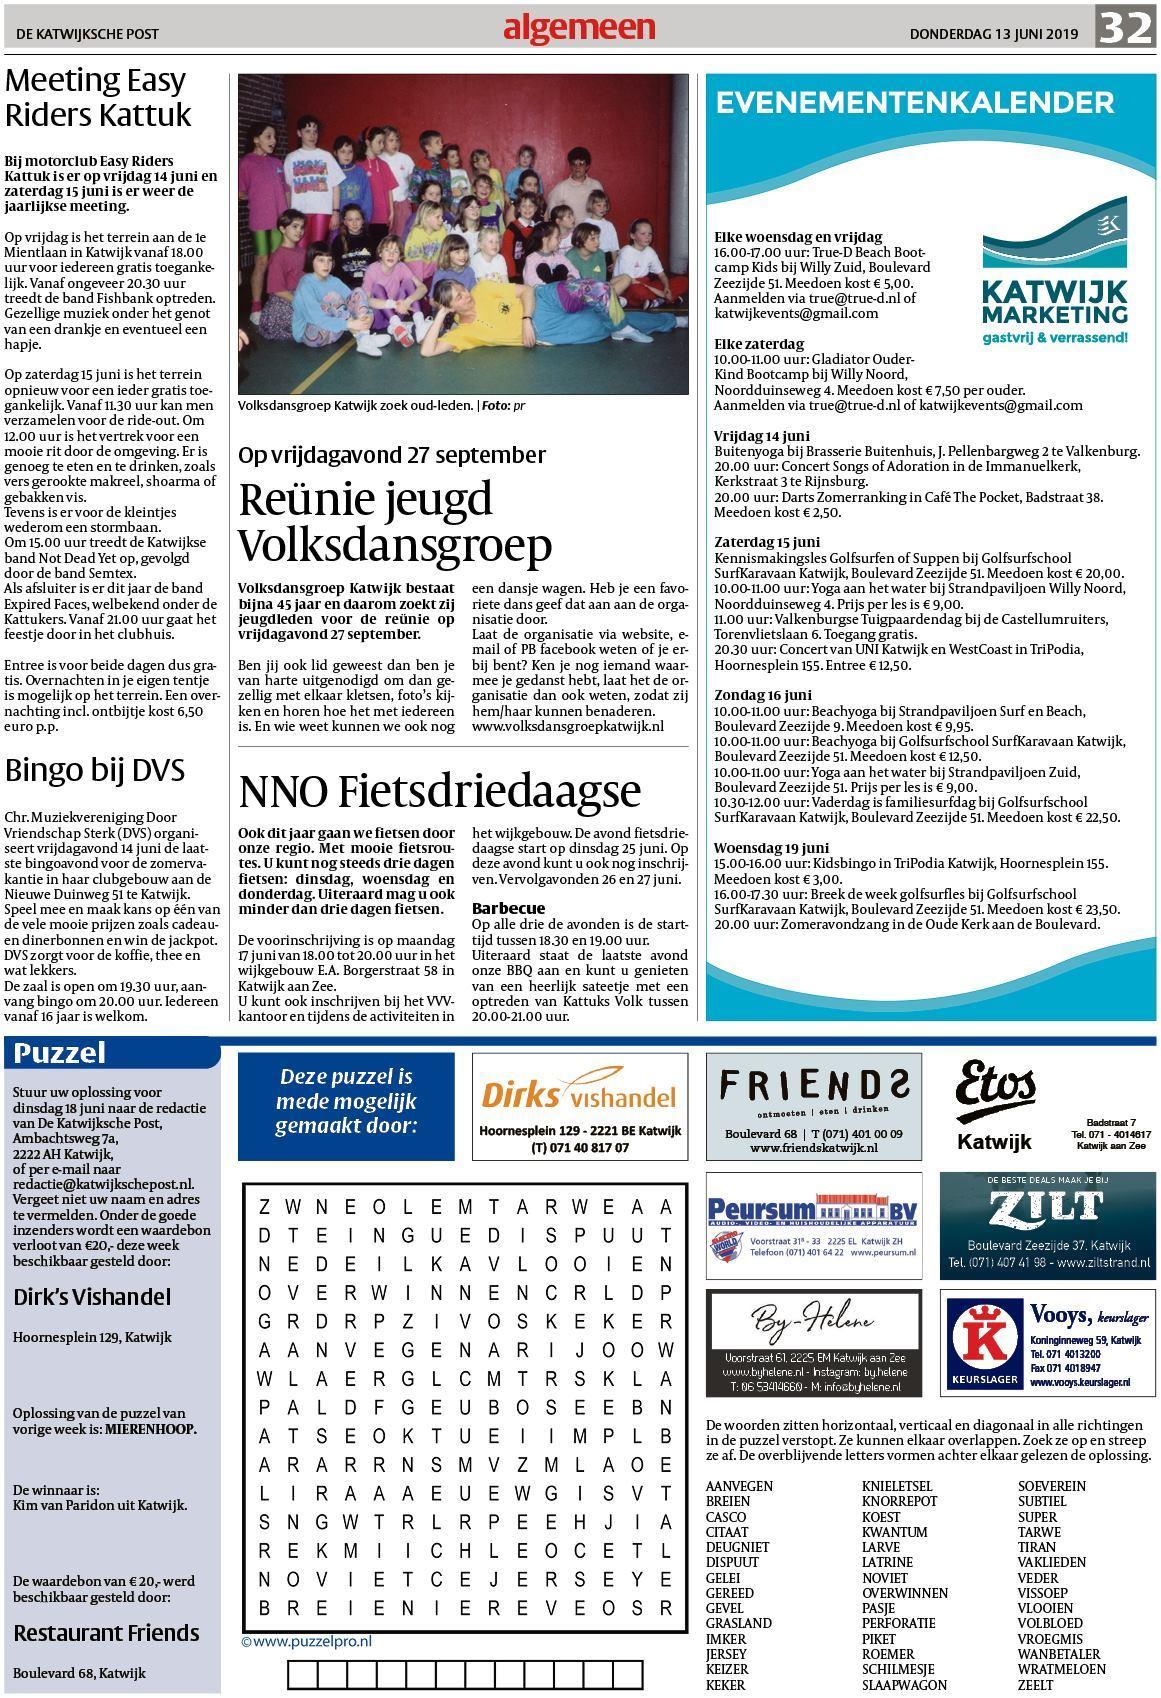 De Katwijksche Post 13 Juni 2019